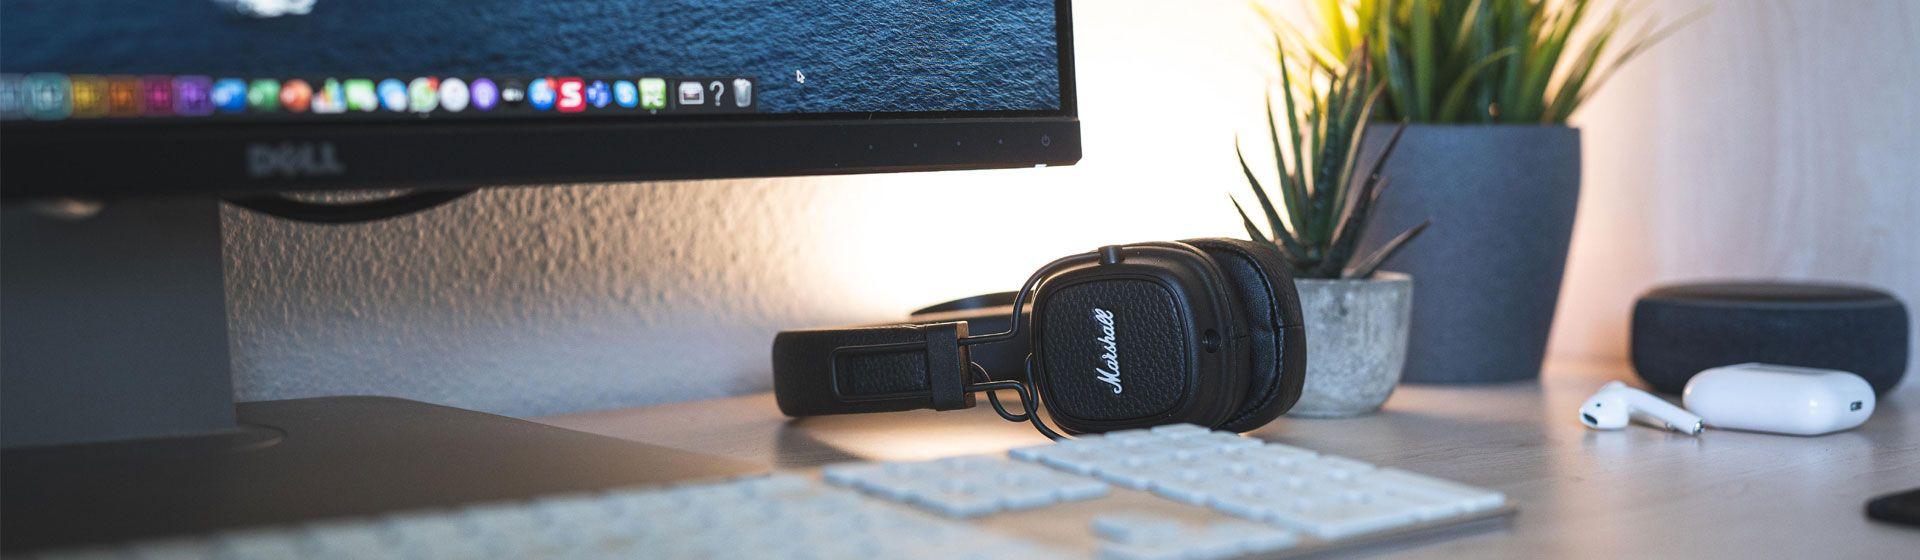 Qual o melhor sistema operacional para seu PC ou notebook?